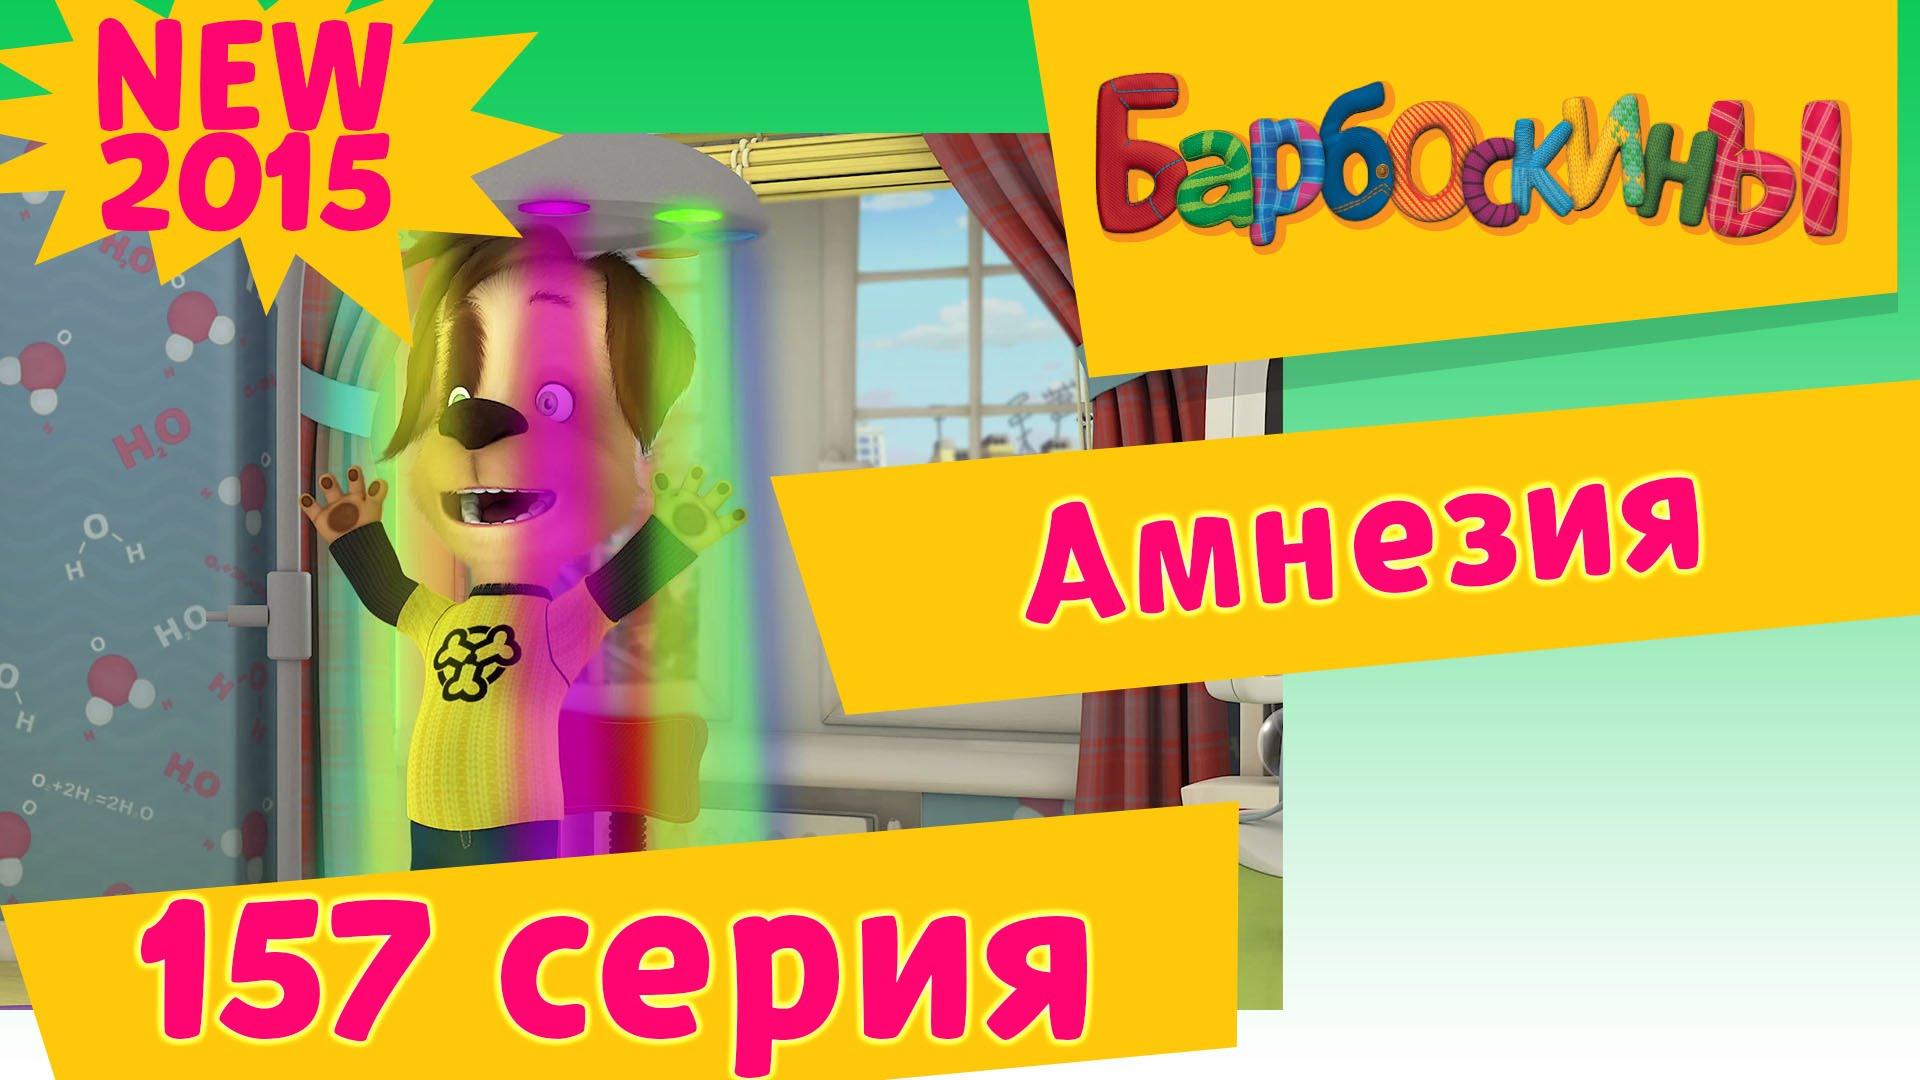 Барбоскины — 157 серия. Амнезия.